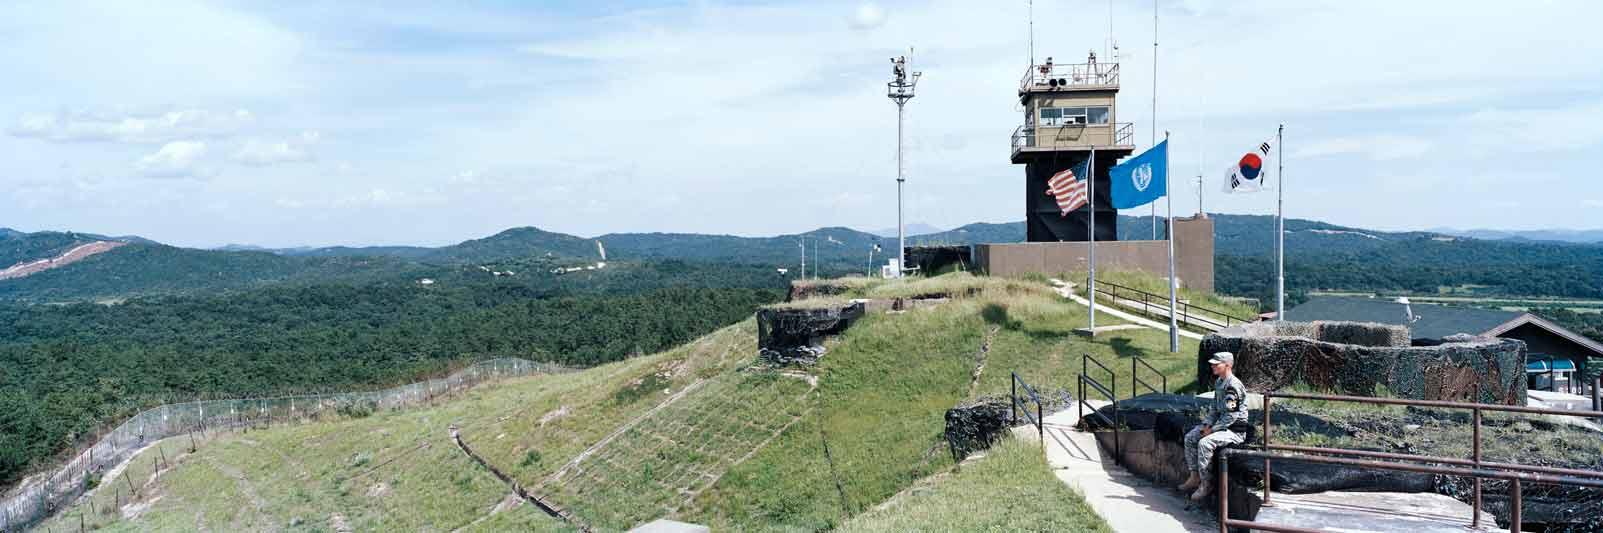 La Corea è uno dei tanti paesi divisi da muri.